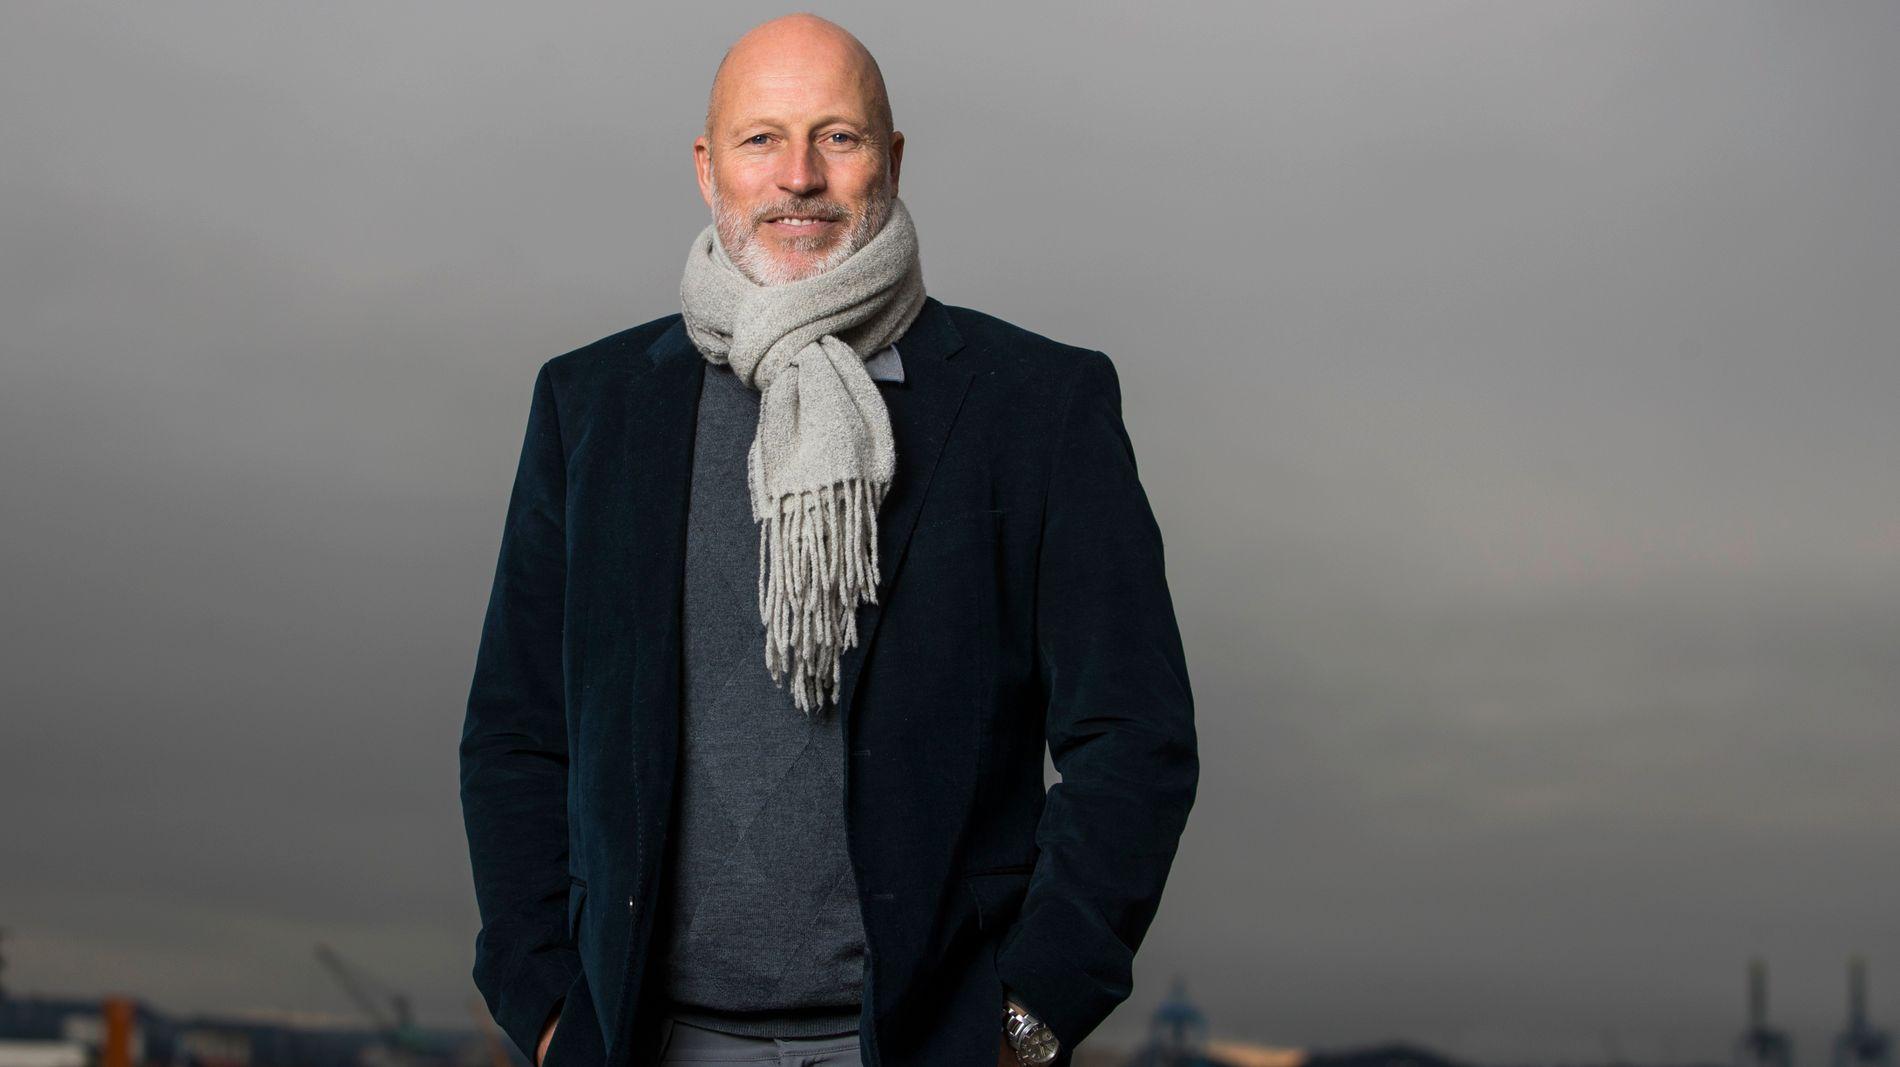 SELGER SELSKAP: Tidligere alpinist Lasse Kjus.